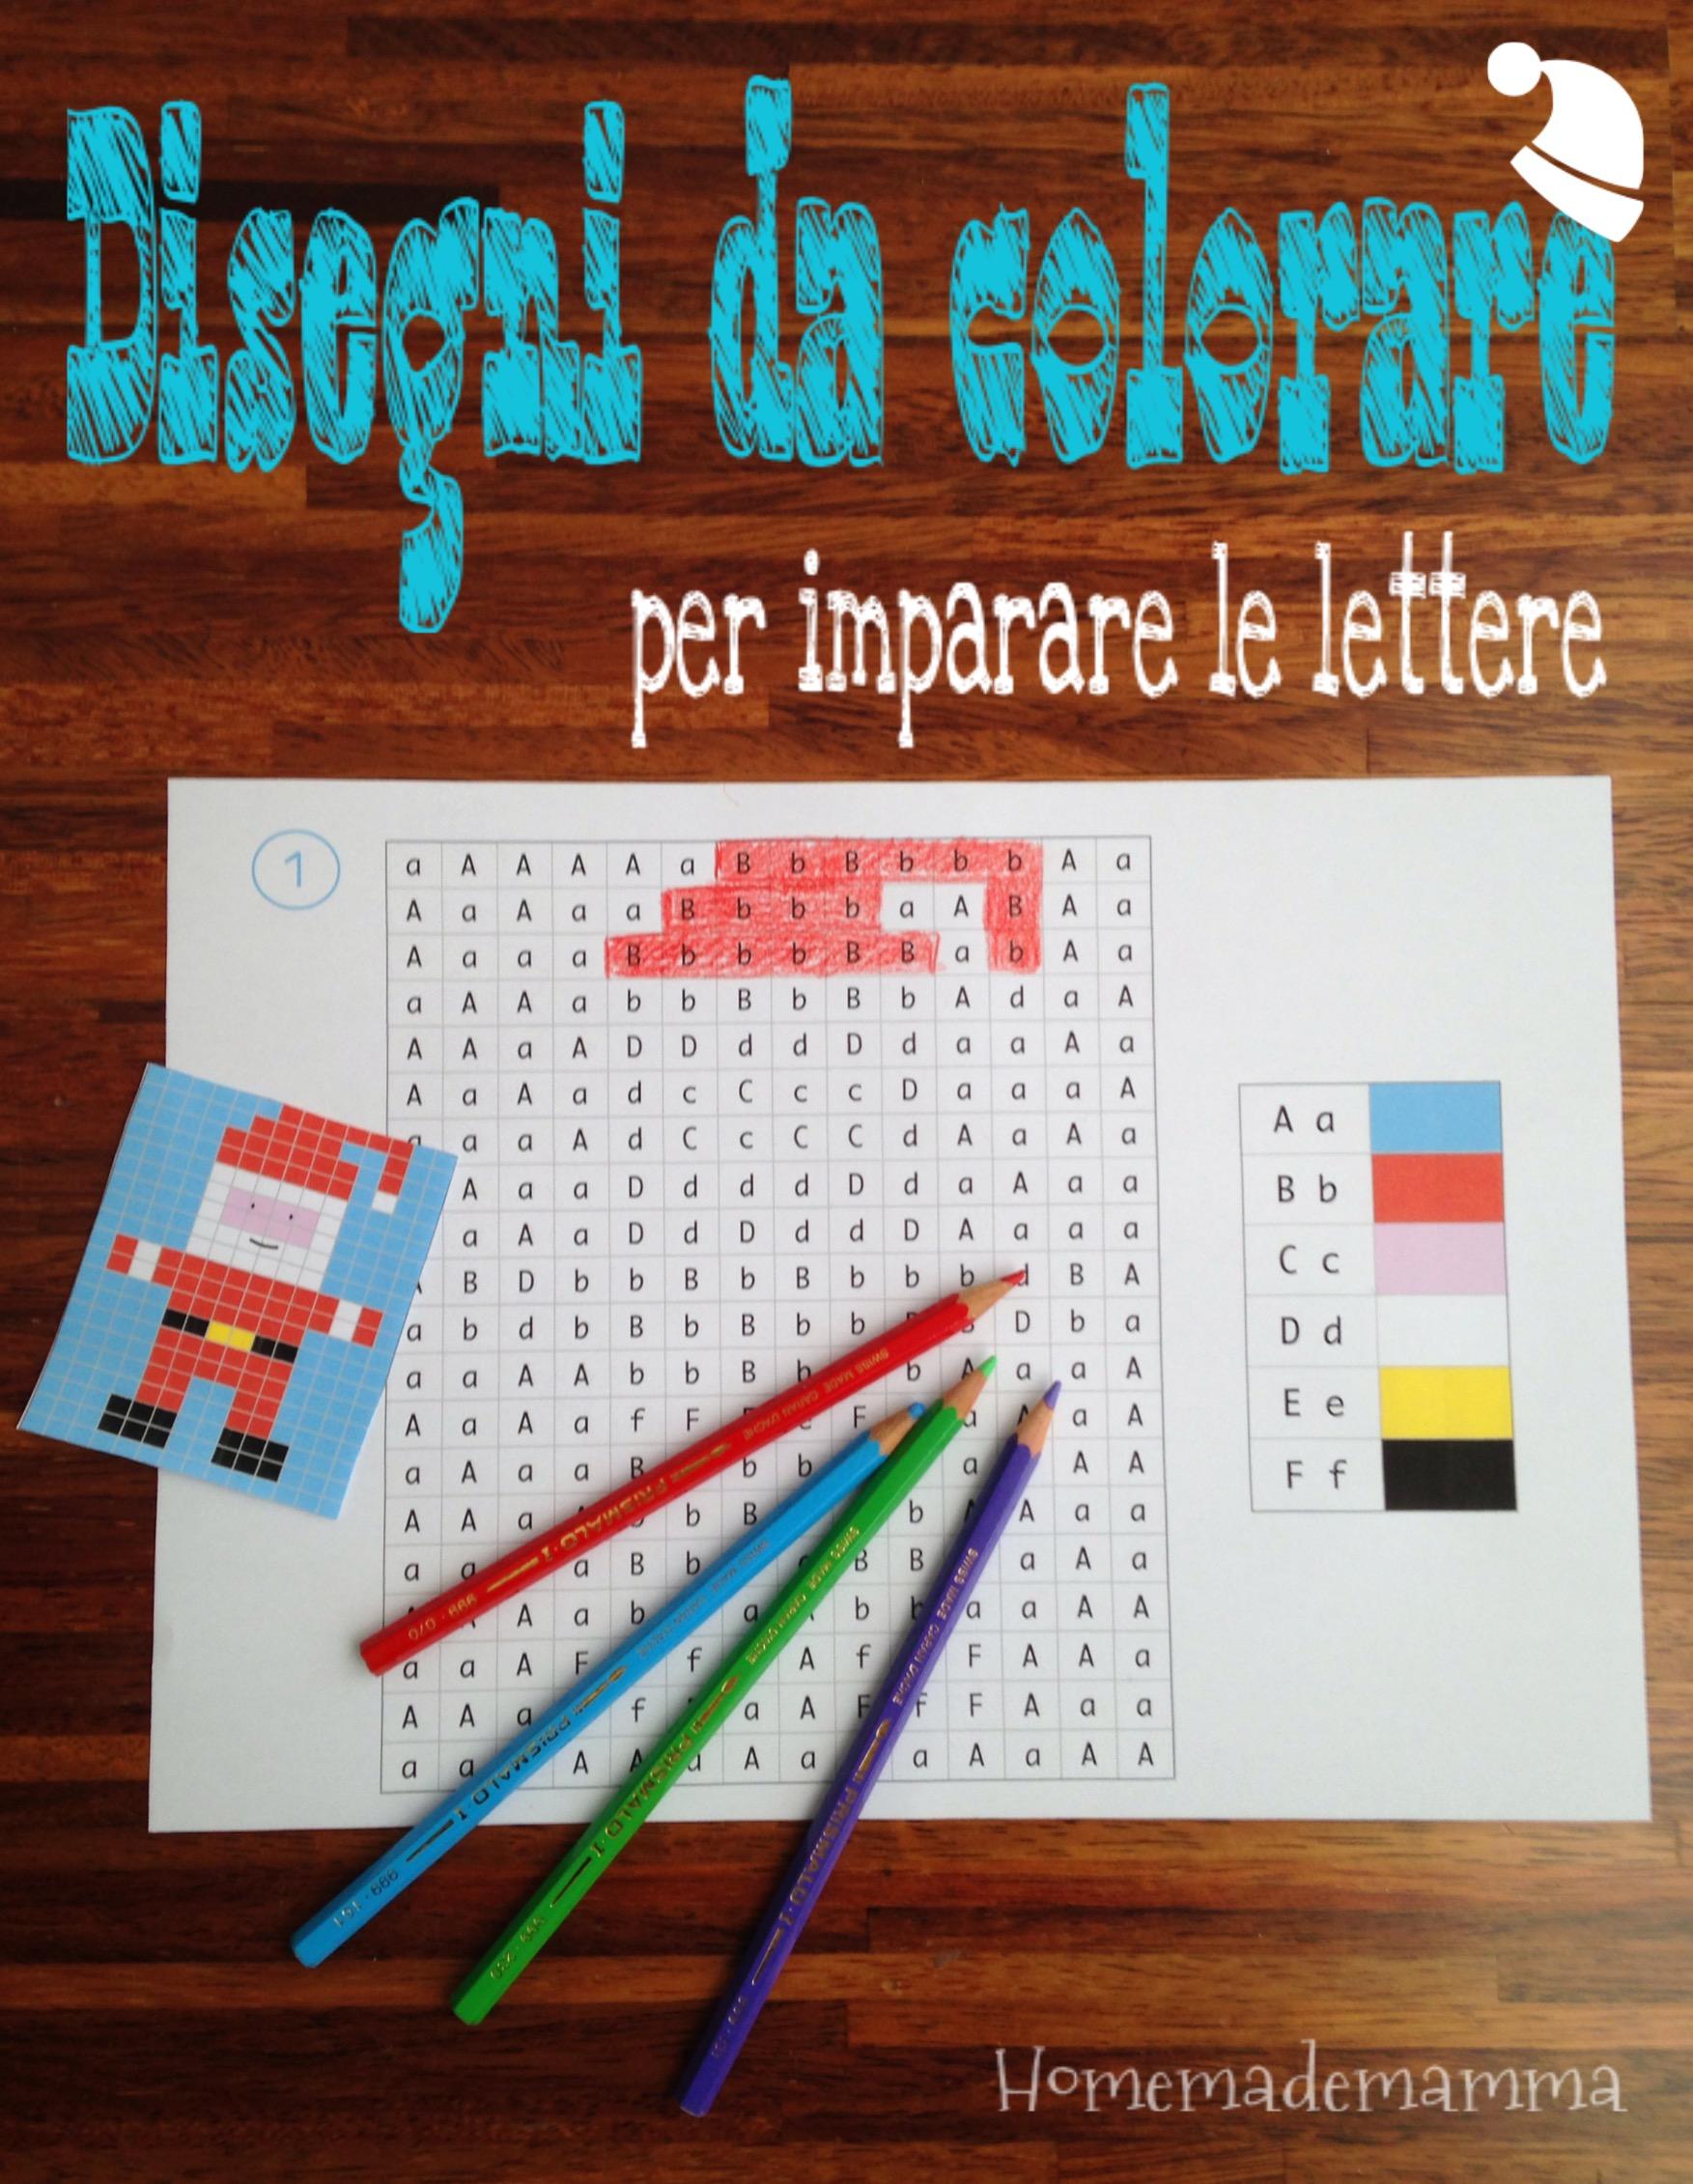 Disegni natalizi da colorare per imparare le lettere - Lettere animali da stampare ...